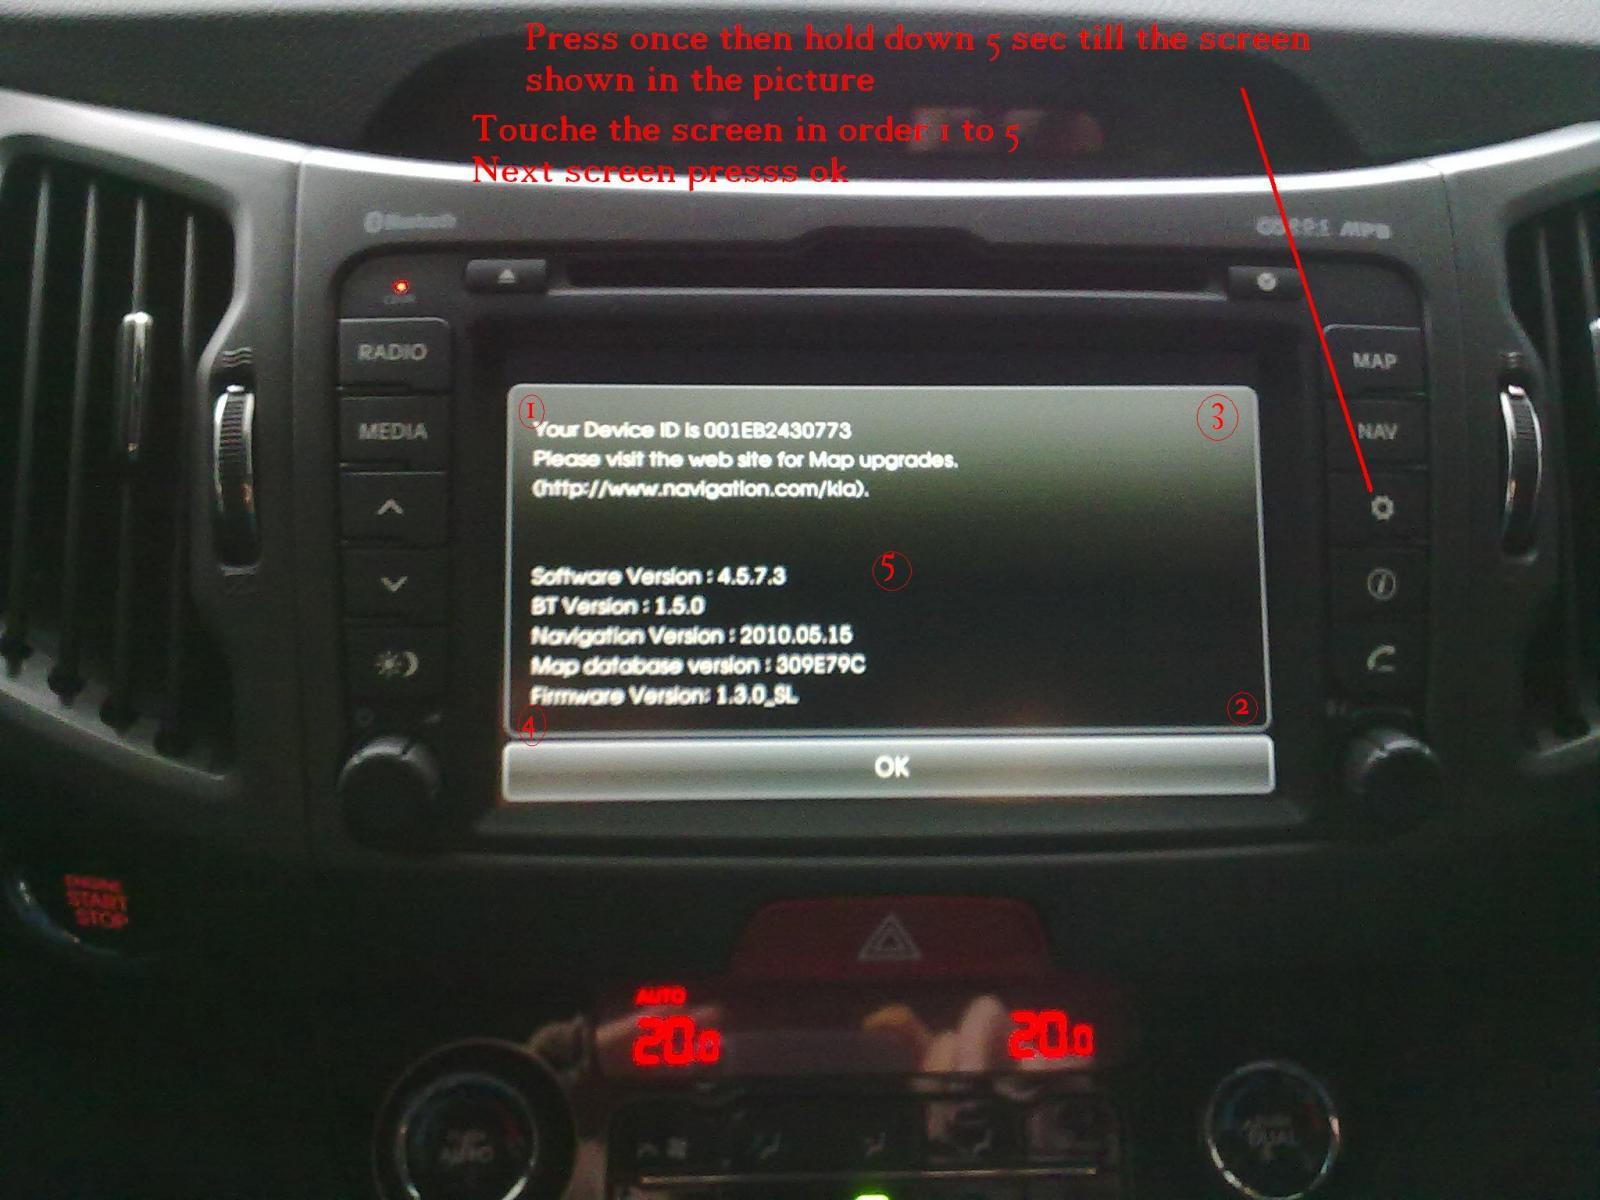 Renault media Nav Hack